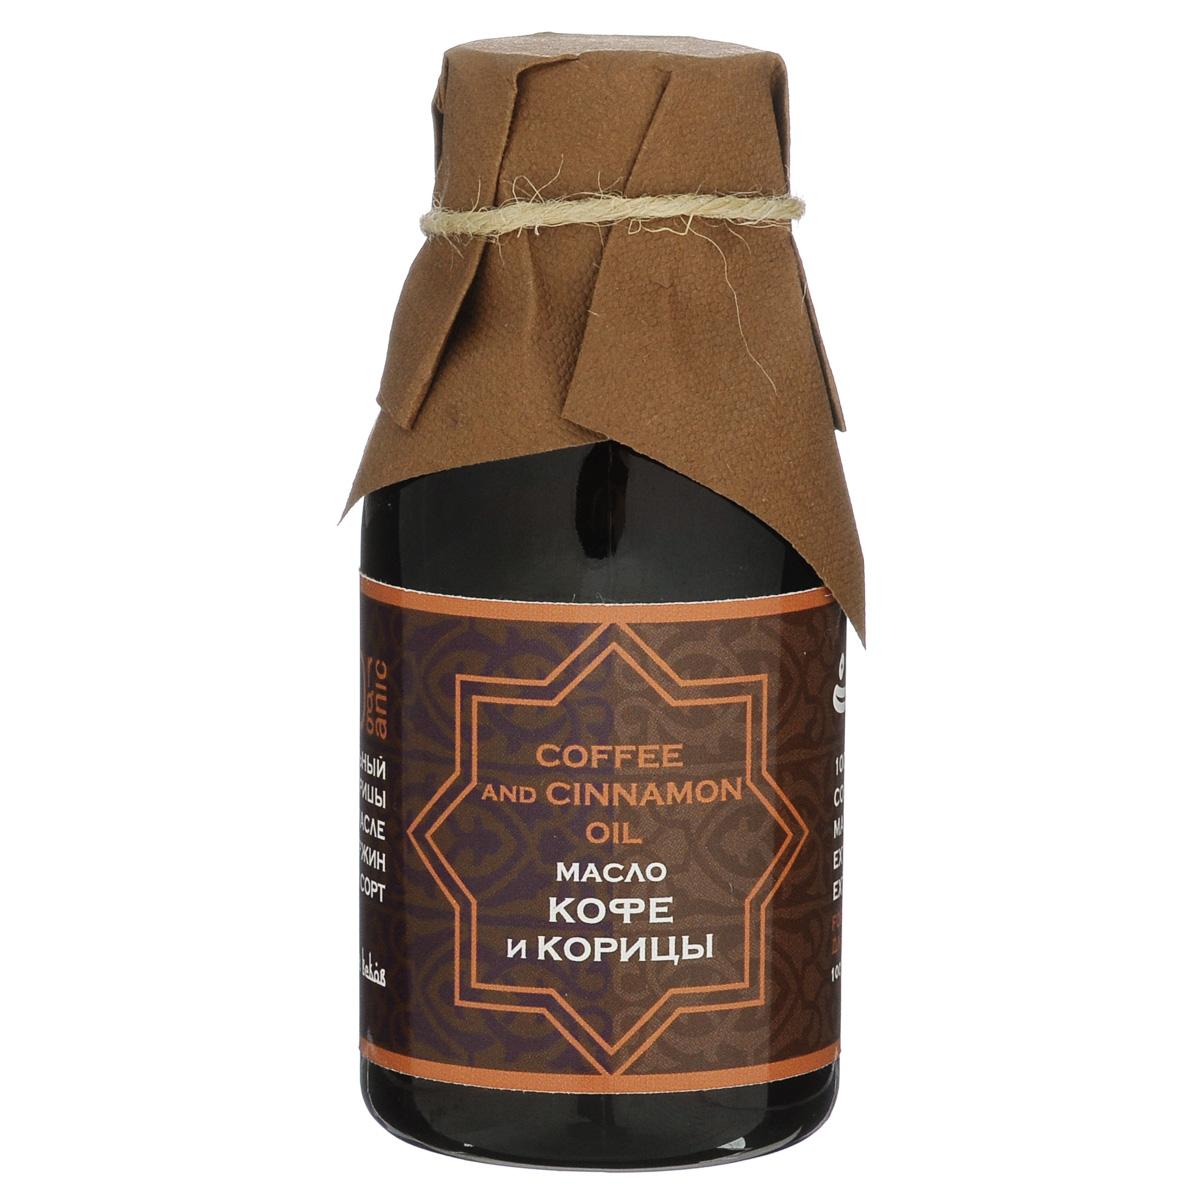 Зейтун Масляный экстракт Кофе и корица, 100 млFS-00897Мацерат — это продукт, получаемый при масляной экстракции молотого кофе и корицы, который впитал в себя всю их пользу и силу. Мацерат кофе и корица насыщает кожу дивным ароматом, а помимо того, увлажняет и тонизирует кожу, способствует обновлению клеток и выравниванию кожного покрова. Также, при регулярном использовании, эти два компонента улучшают циркуляцию крови в глубоких слоях кожи, за счет чего способствуют похудению и обладают антицелюллитным свойством.Для волос это также весьма ценный продукт: кофе насыщает волосы силой и блеском, а корица ускоряет их рост.